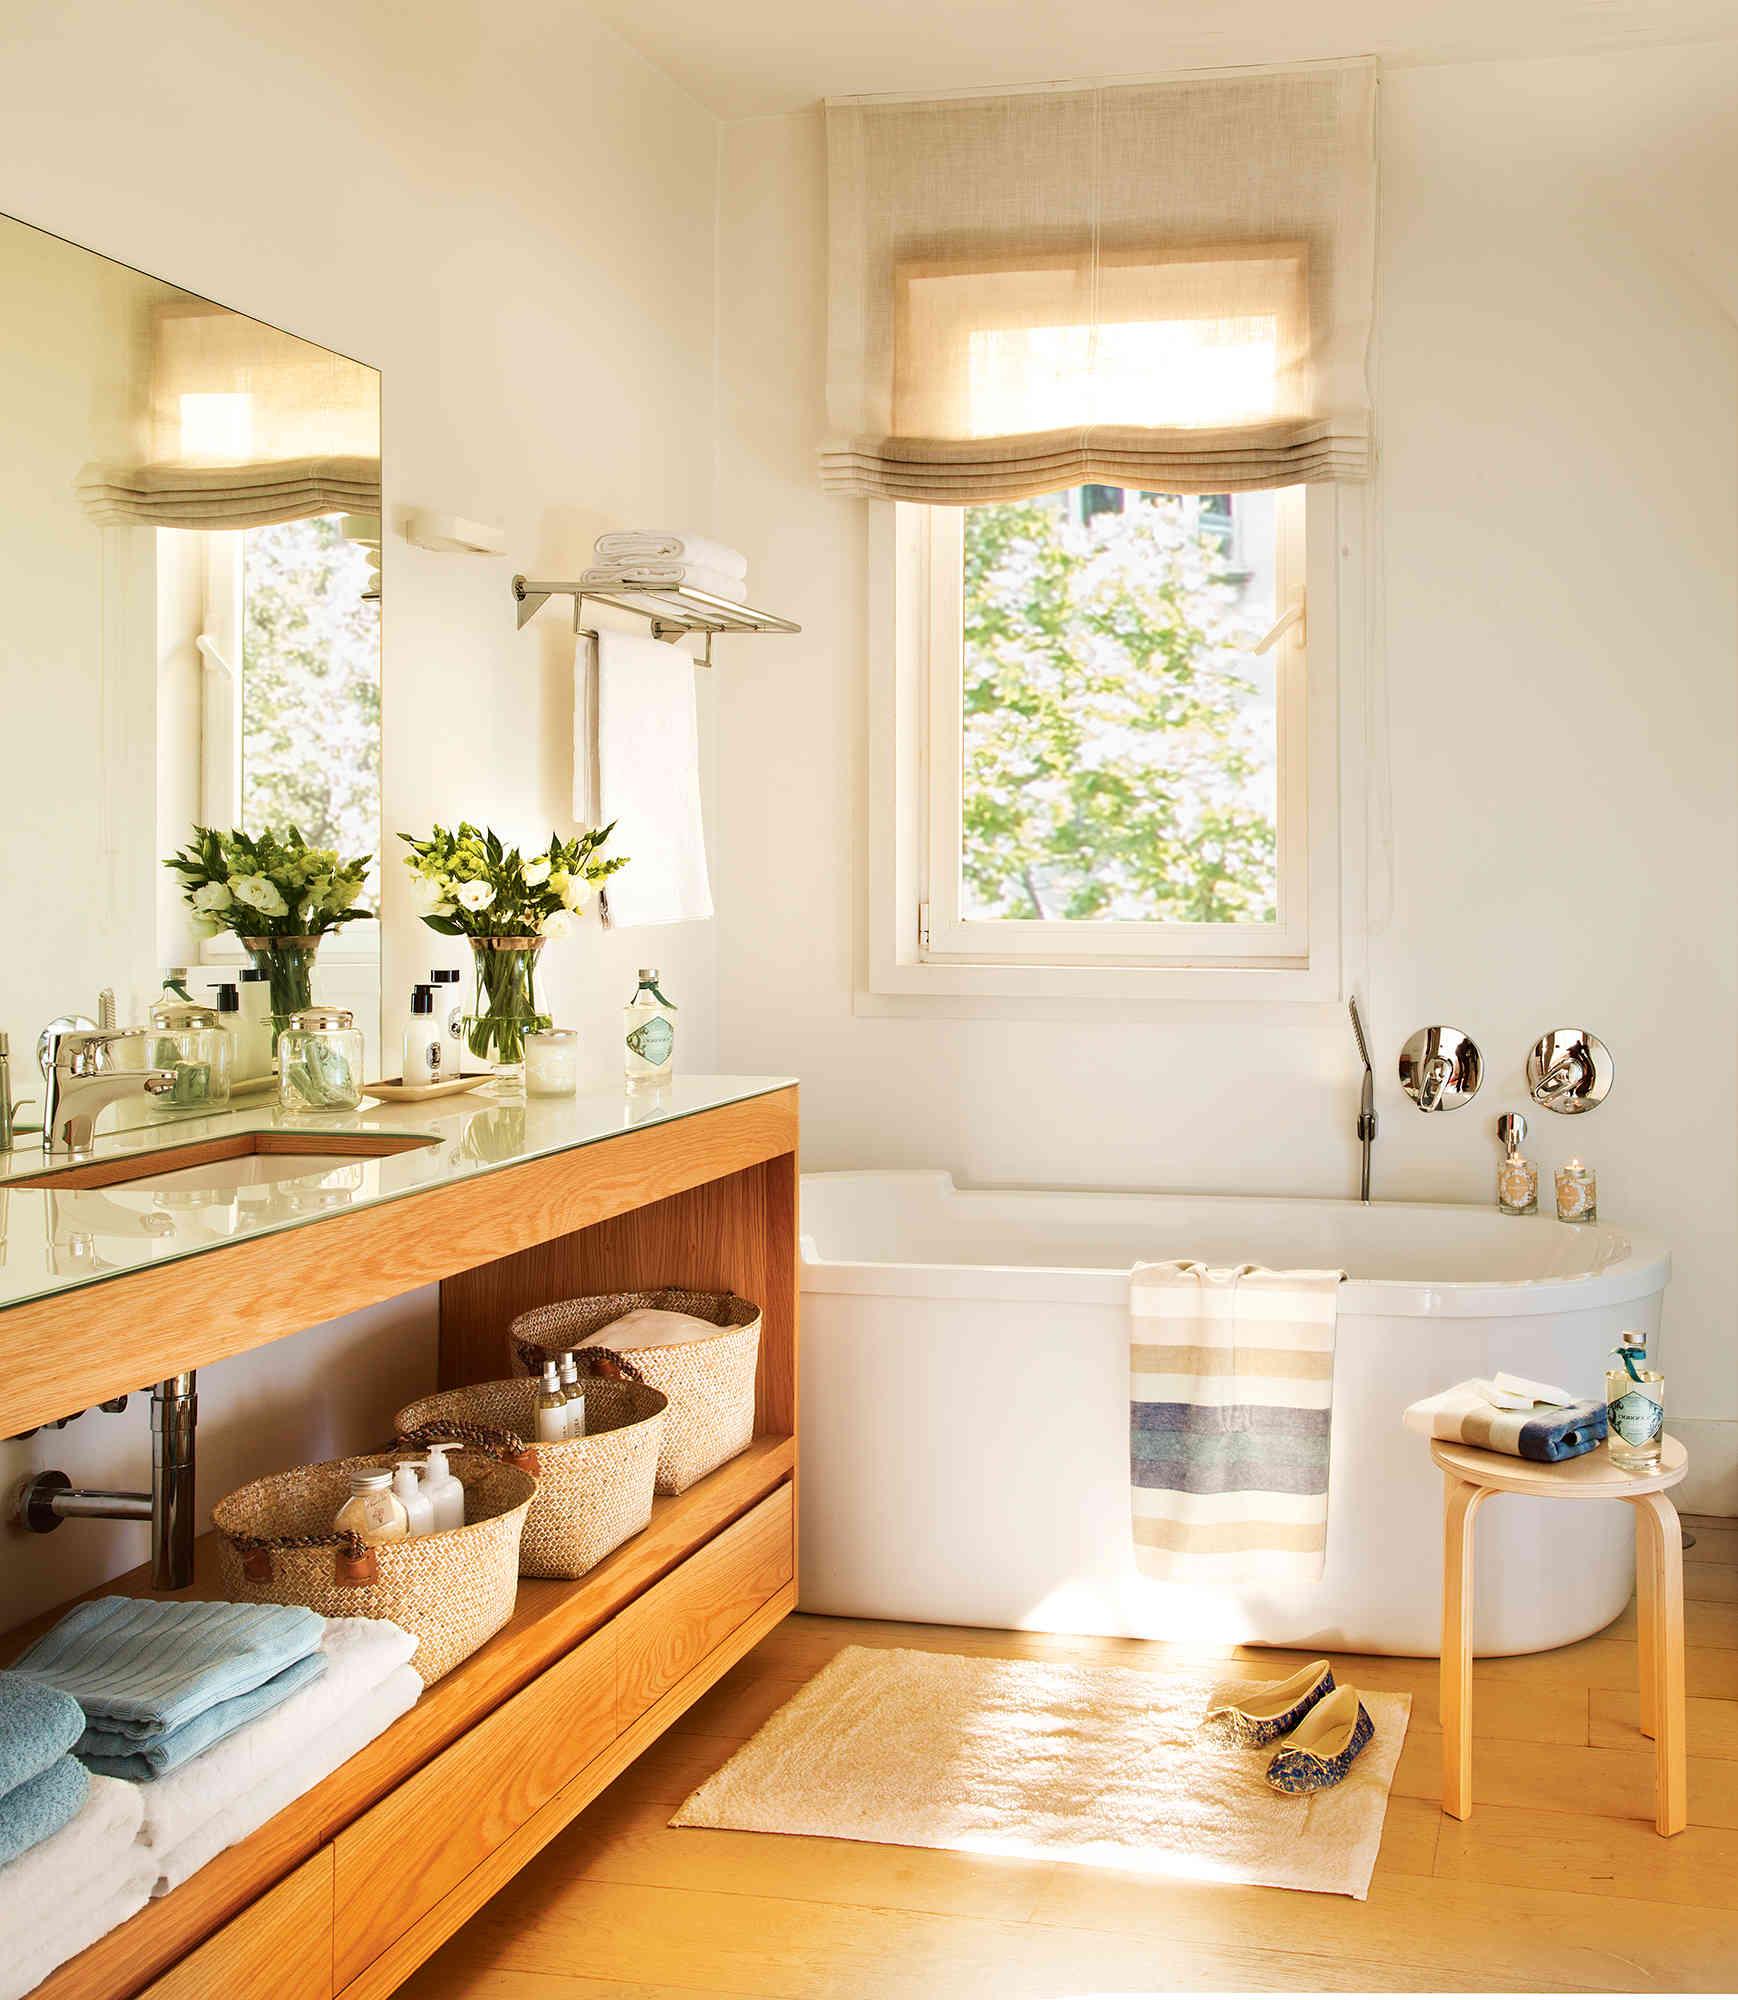 6 bano contemporaneo con mueble bajolavabo y banera debajo de ventana fontaneros madrid reparaciones urgentes madrid